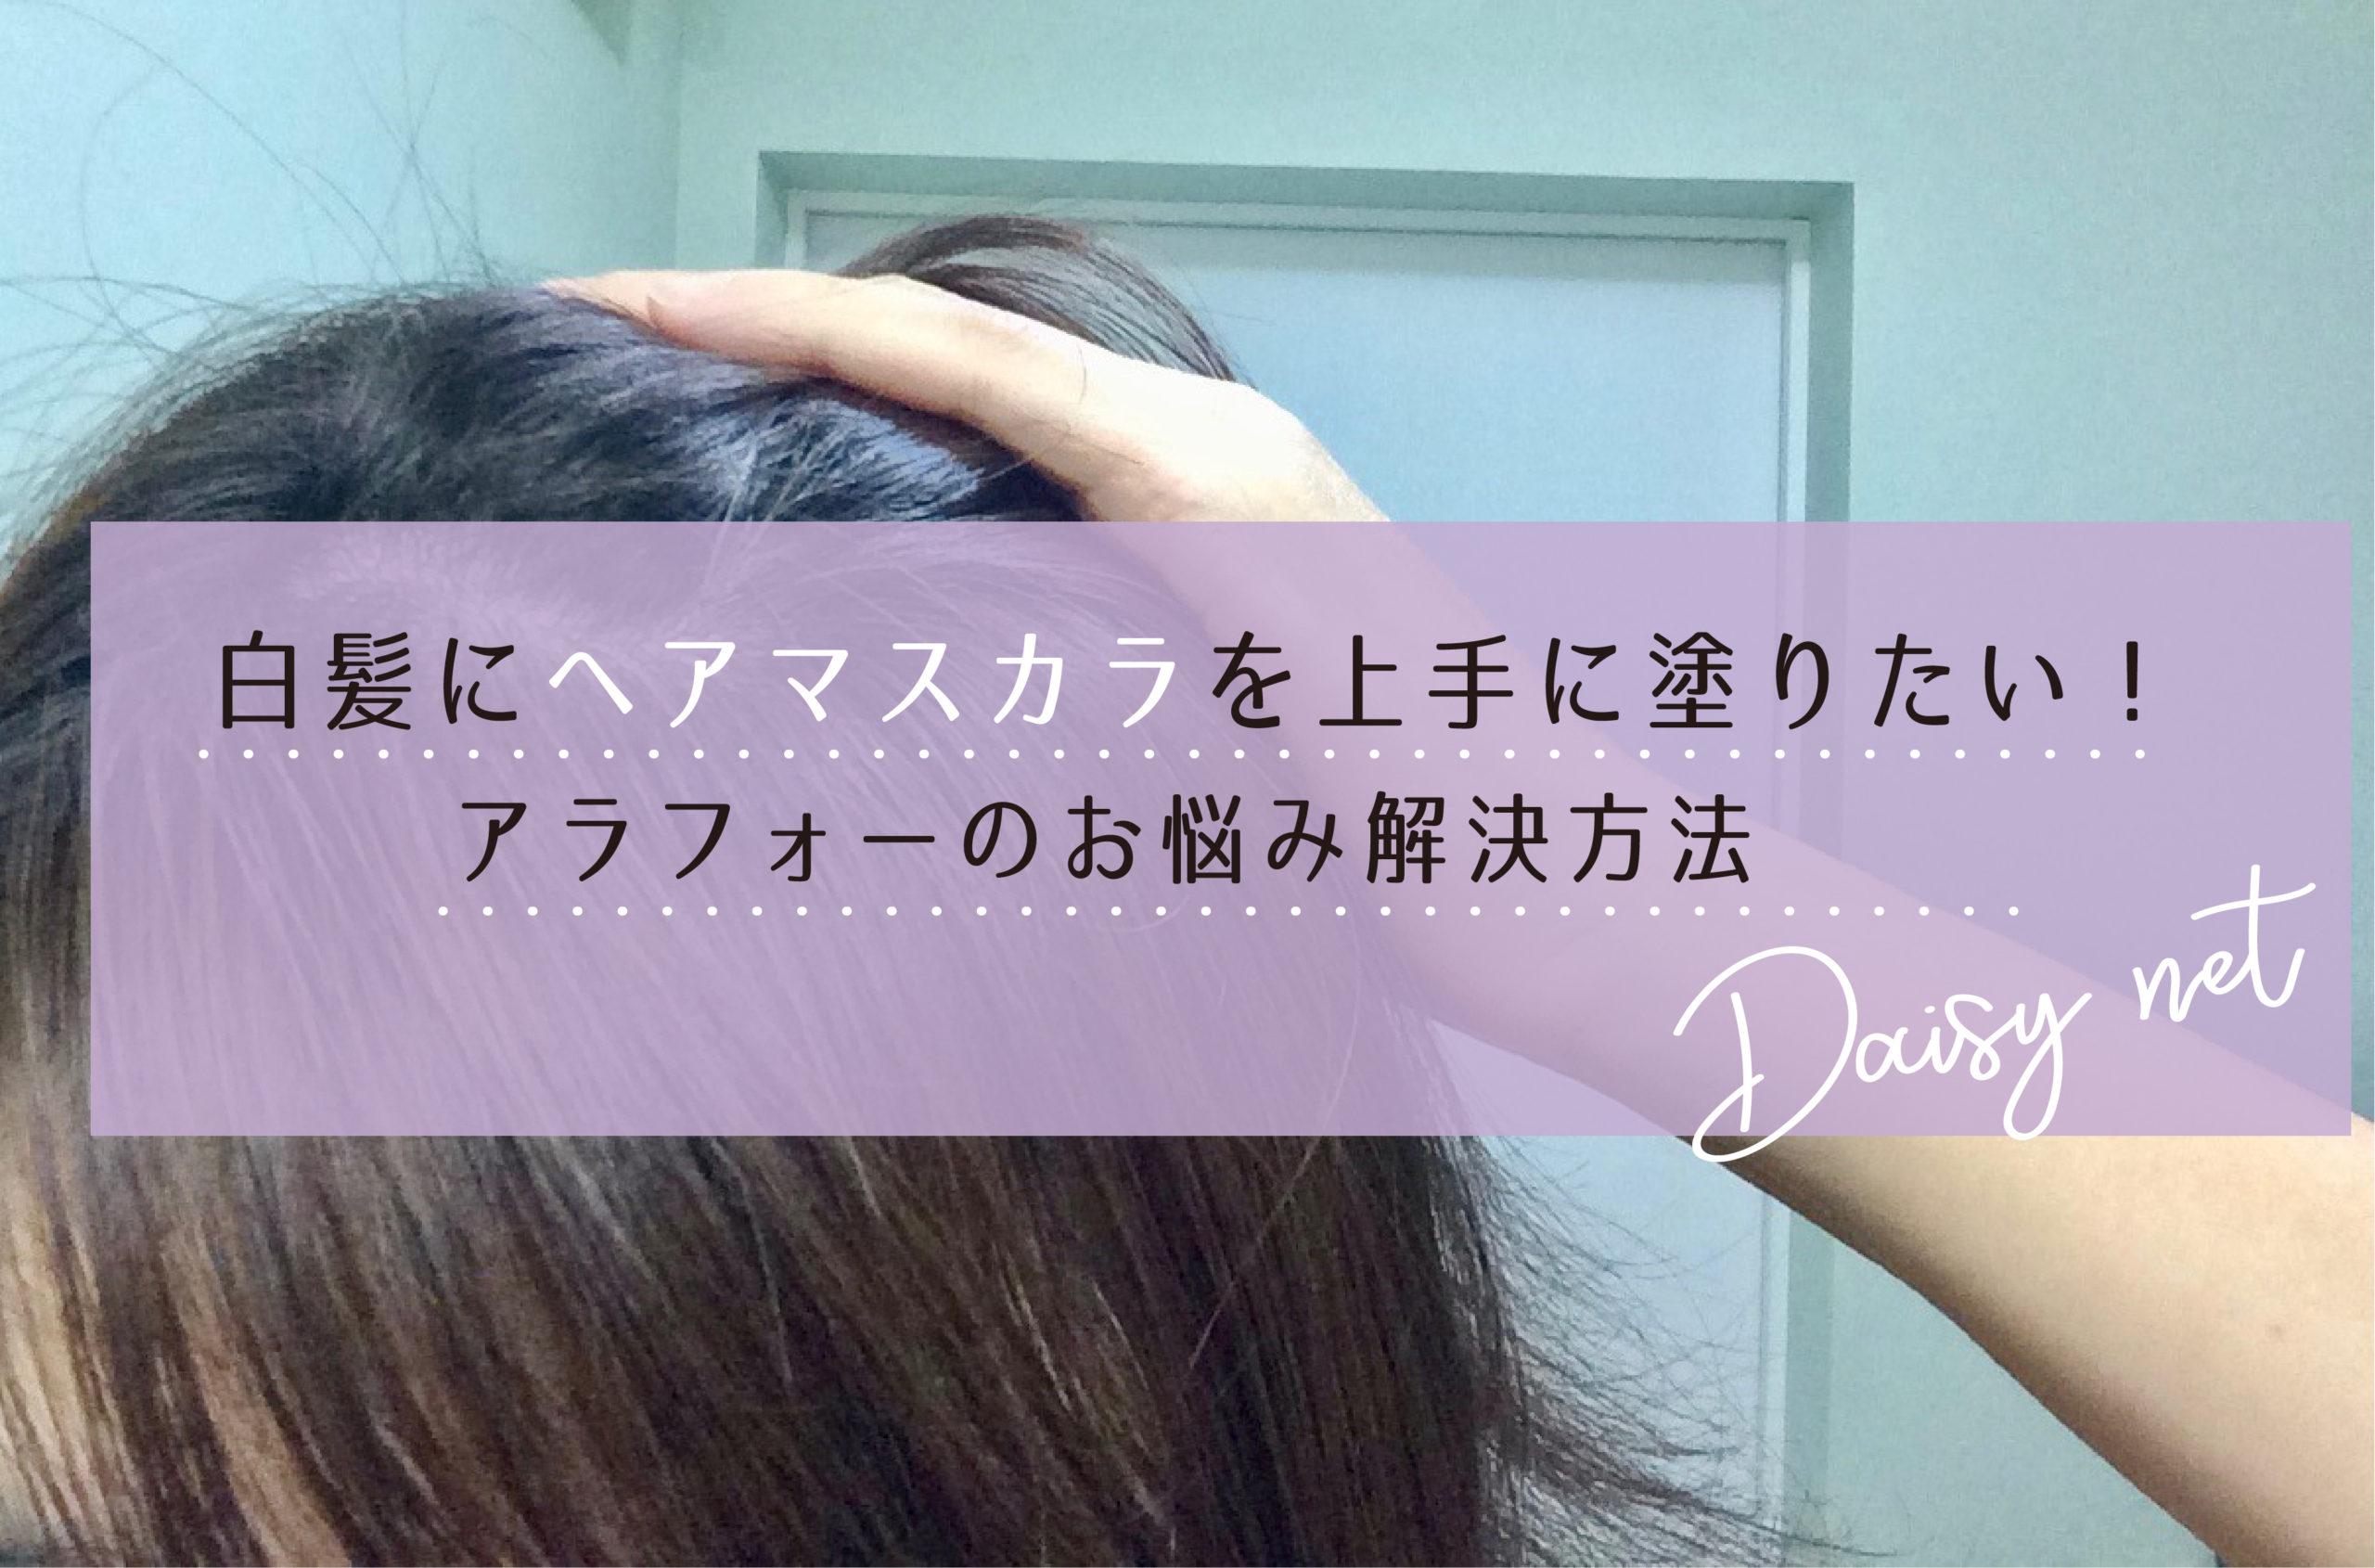 白髪にヘアマスカラを上手に塗りたい!アラフォーのお悩み解決法